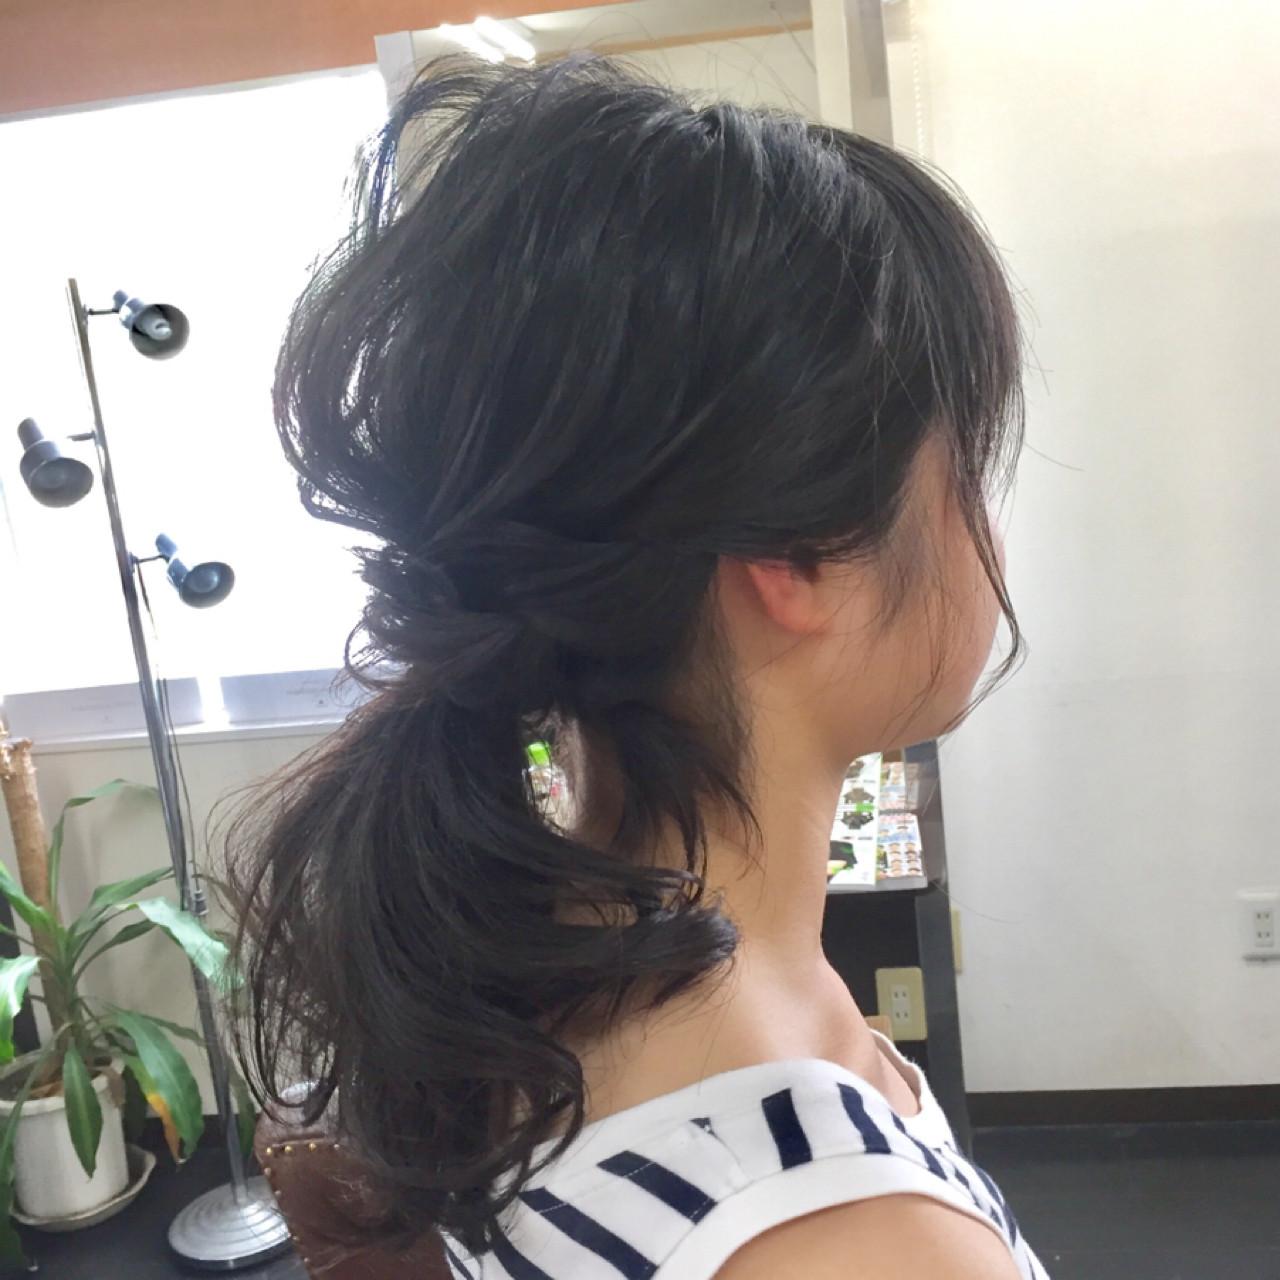 ナチュラル 簡単ヘアアレンジ ヘアアレンジ セミロングヘアスタイルや髪型の写真・画像